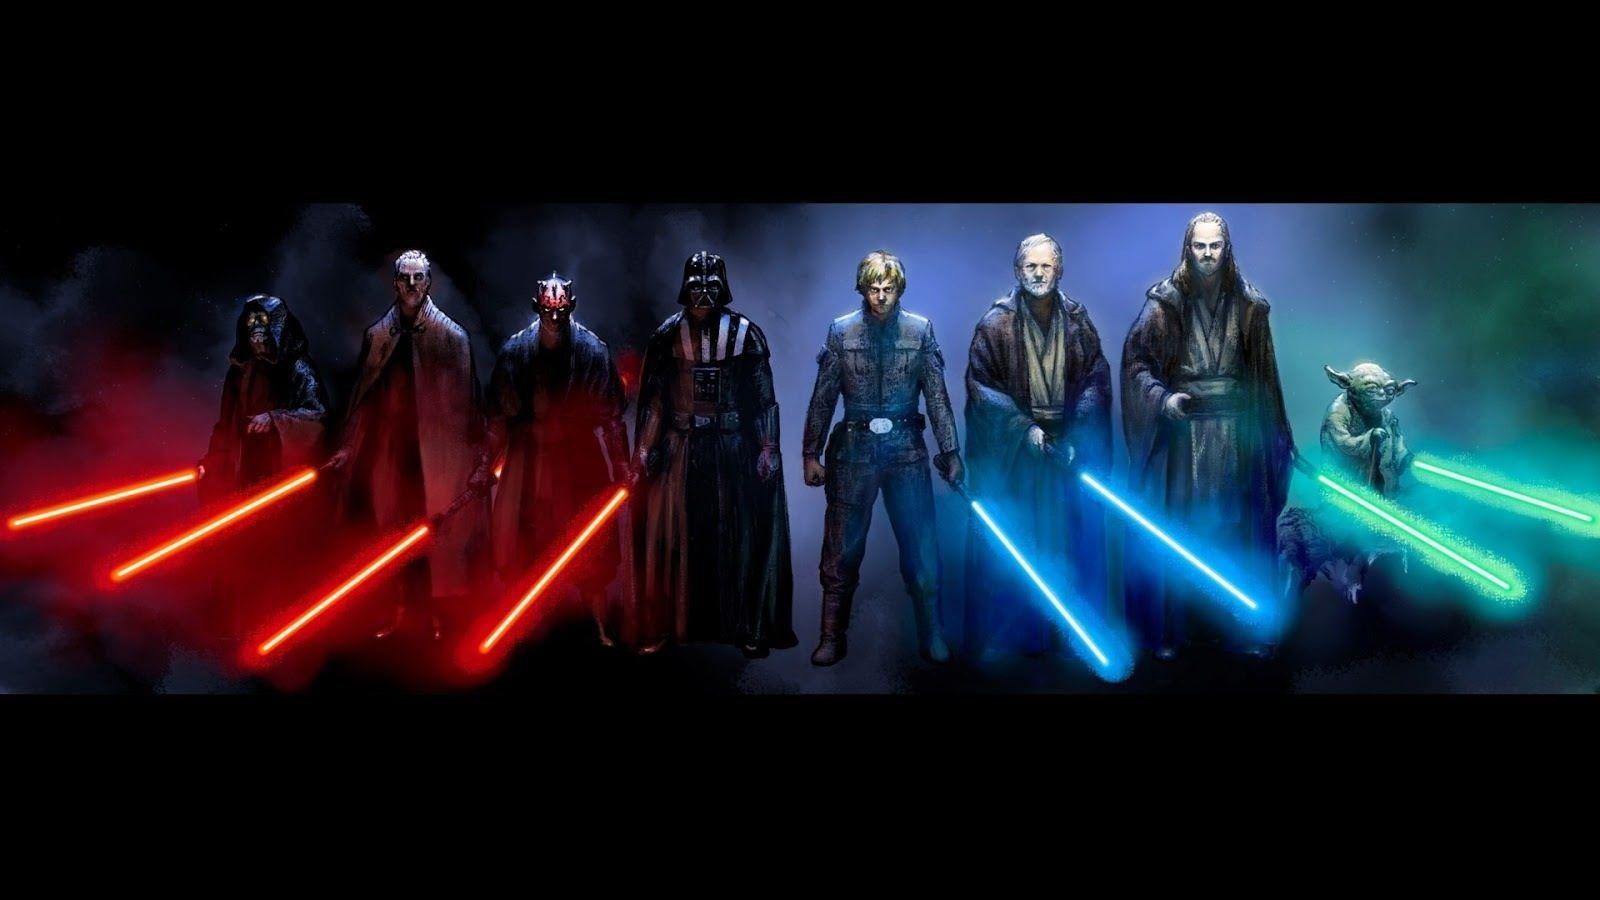 Star Wars Sith Vs Jedi Star Wars Sith Images Star Wars Star